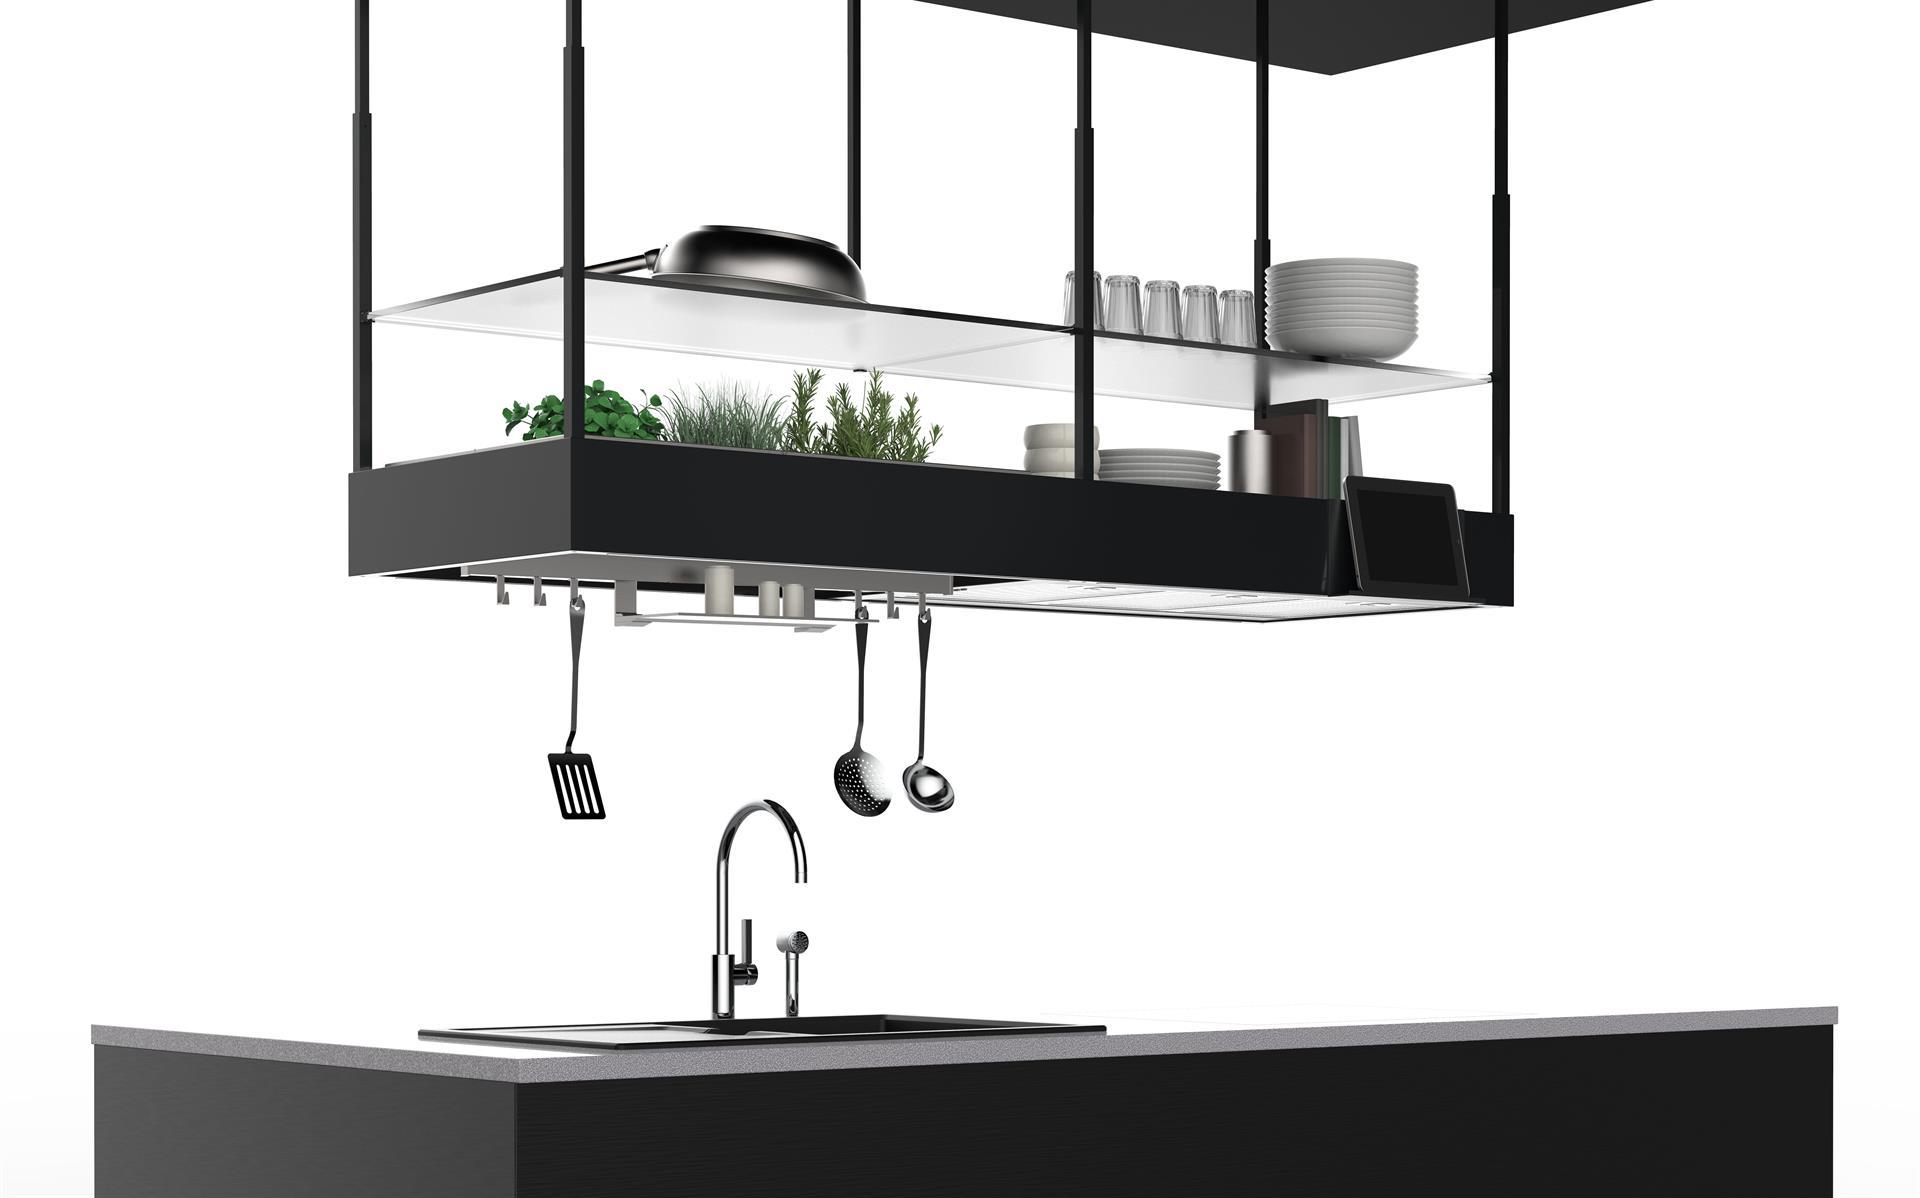 Falmec will present spazio at eurocucina home appliances for Cappa cucina design